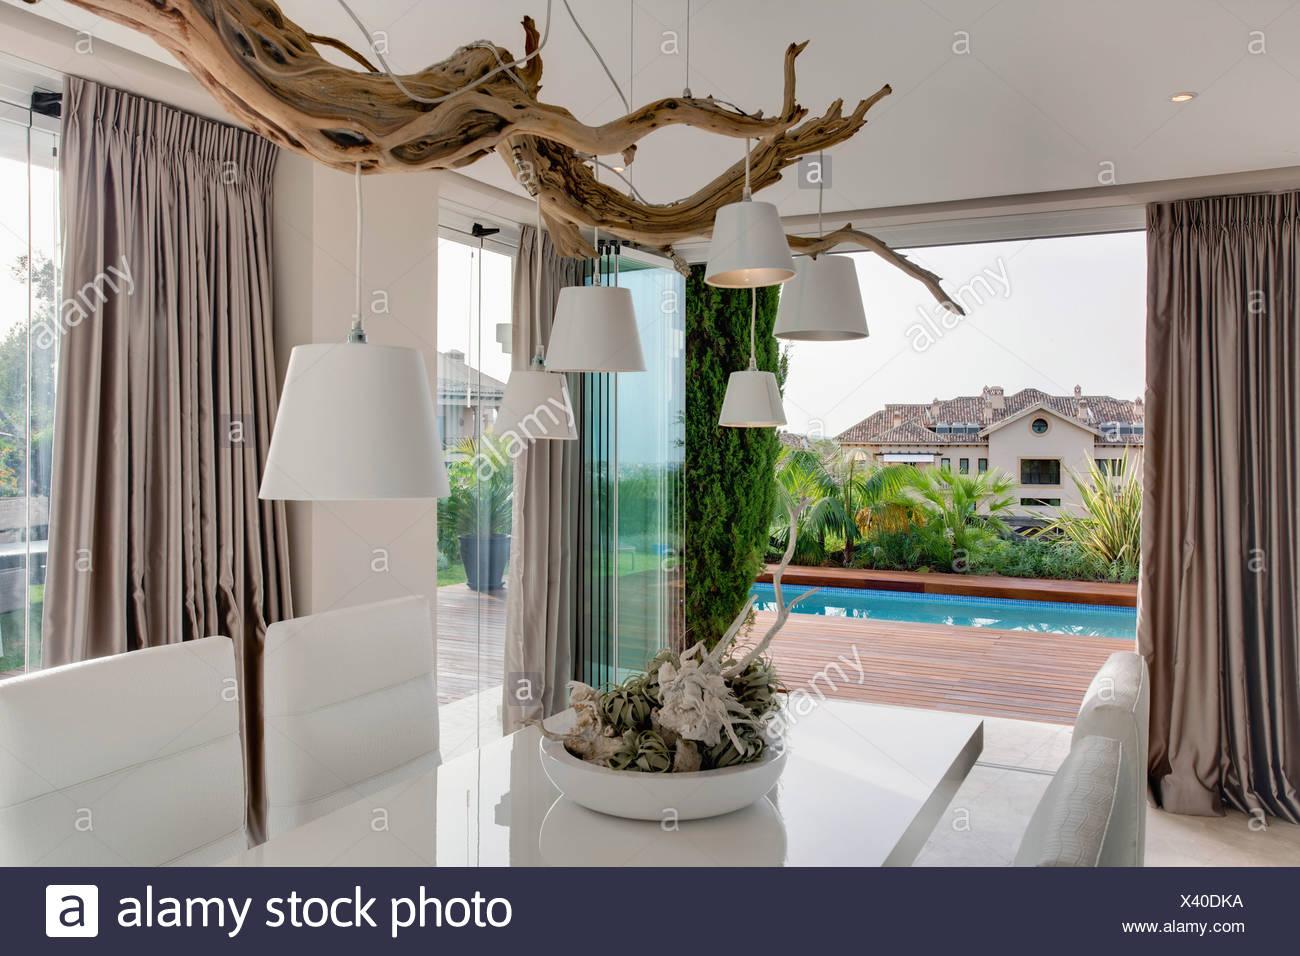 Rideau Pour Salle A Manger Moderne abat-jour blanc rustique de branche d'arbre au-dessus de